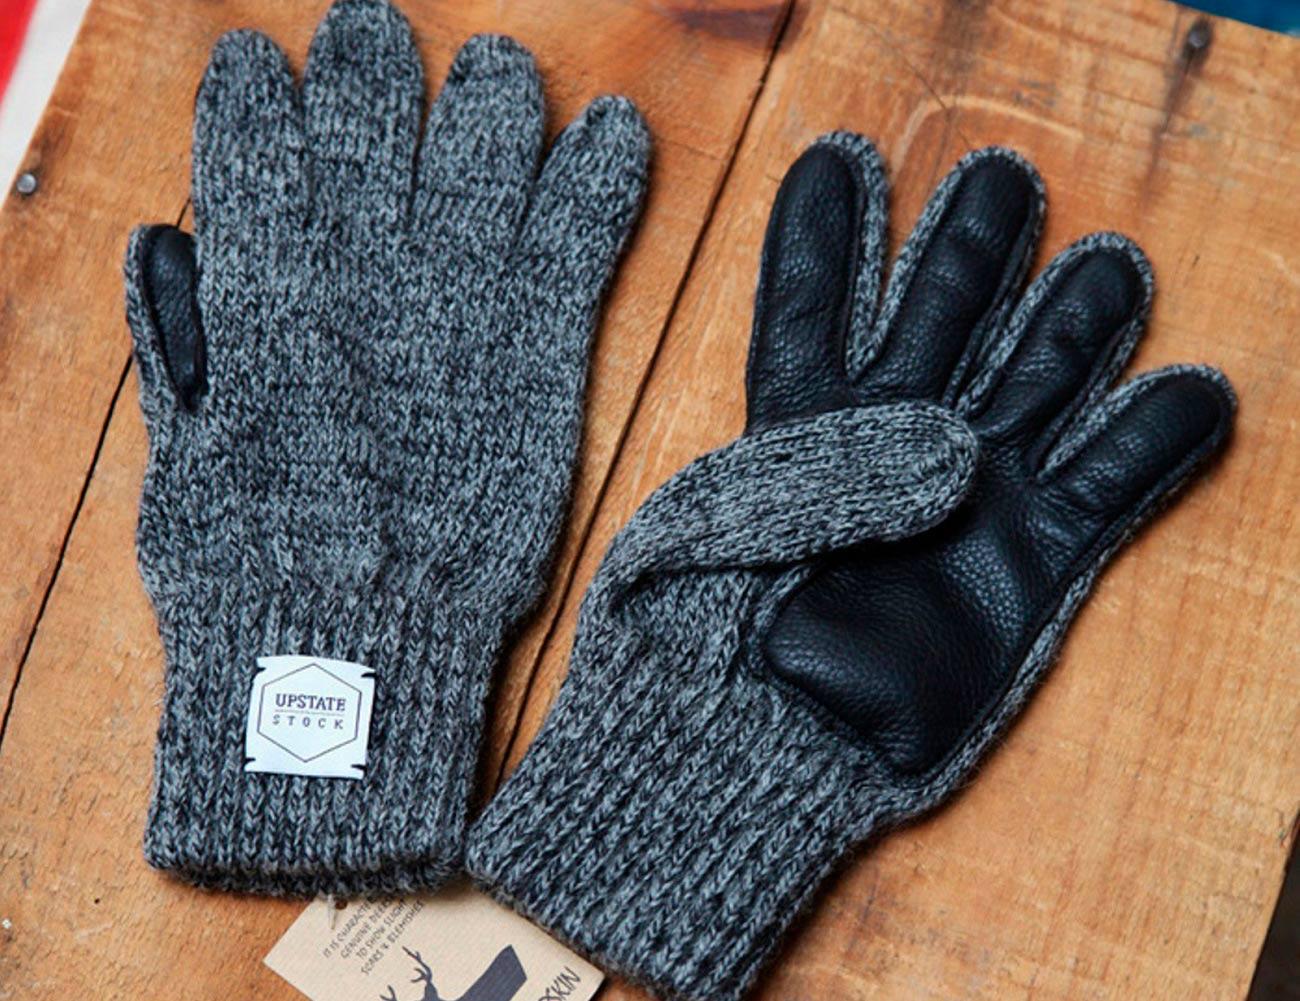 Wool & Deerskin Gloves by Upstate Stock